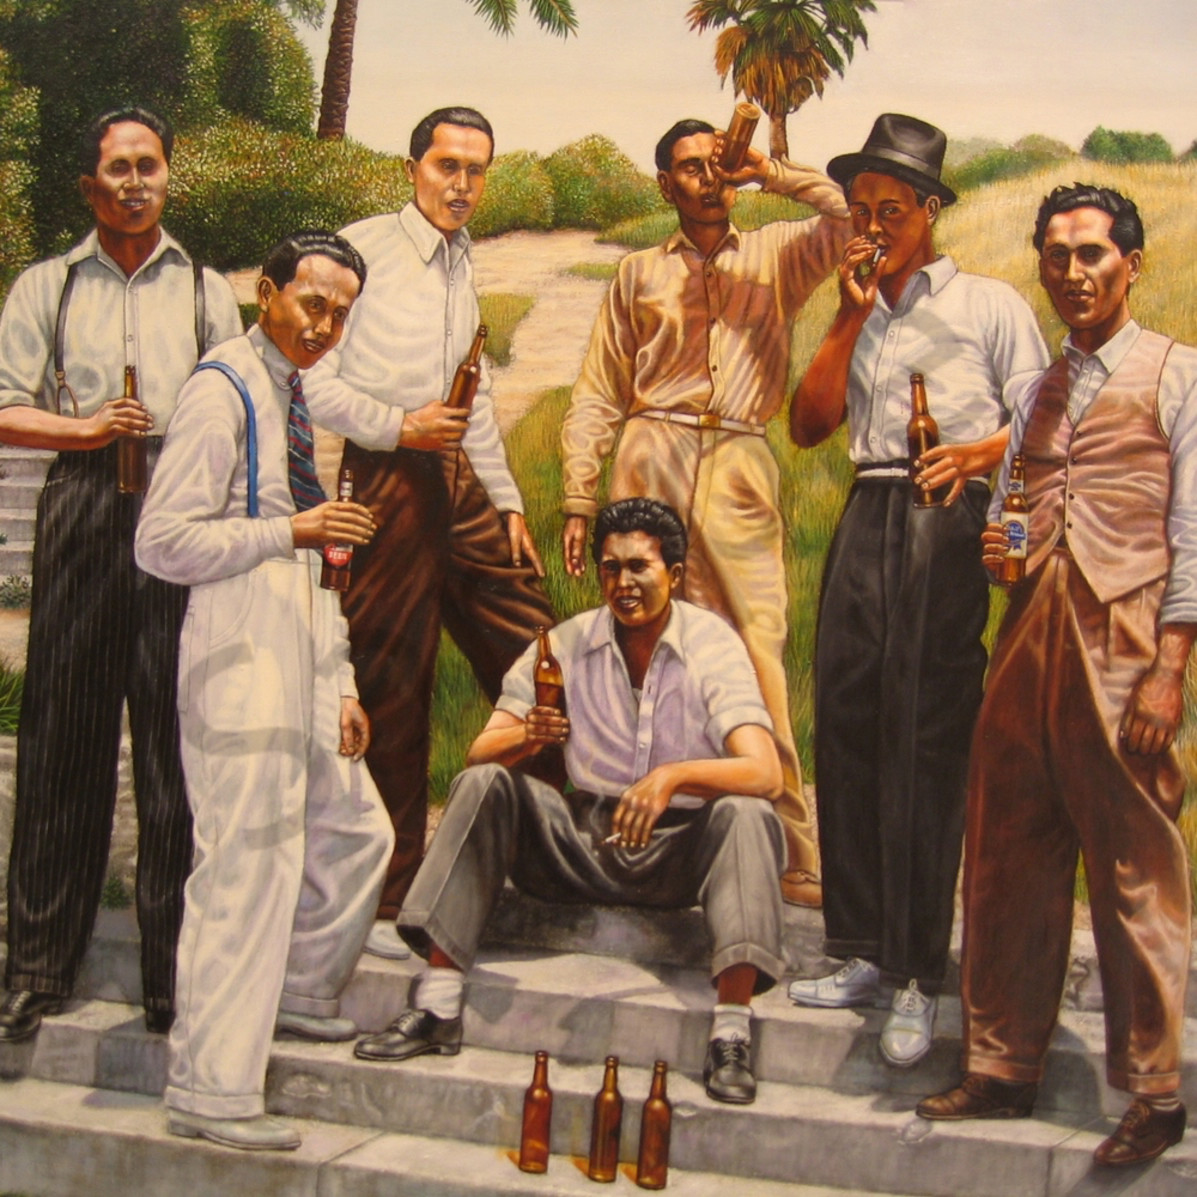 Homeboys circa 1939 fi ewi1ji